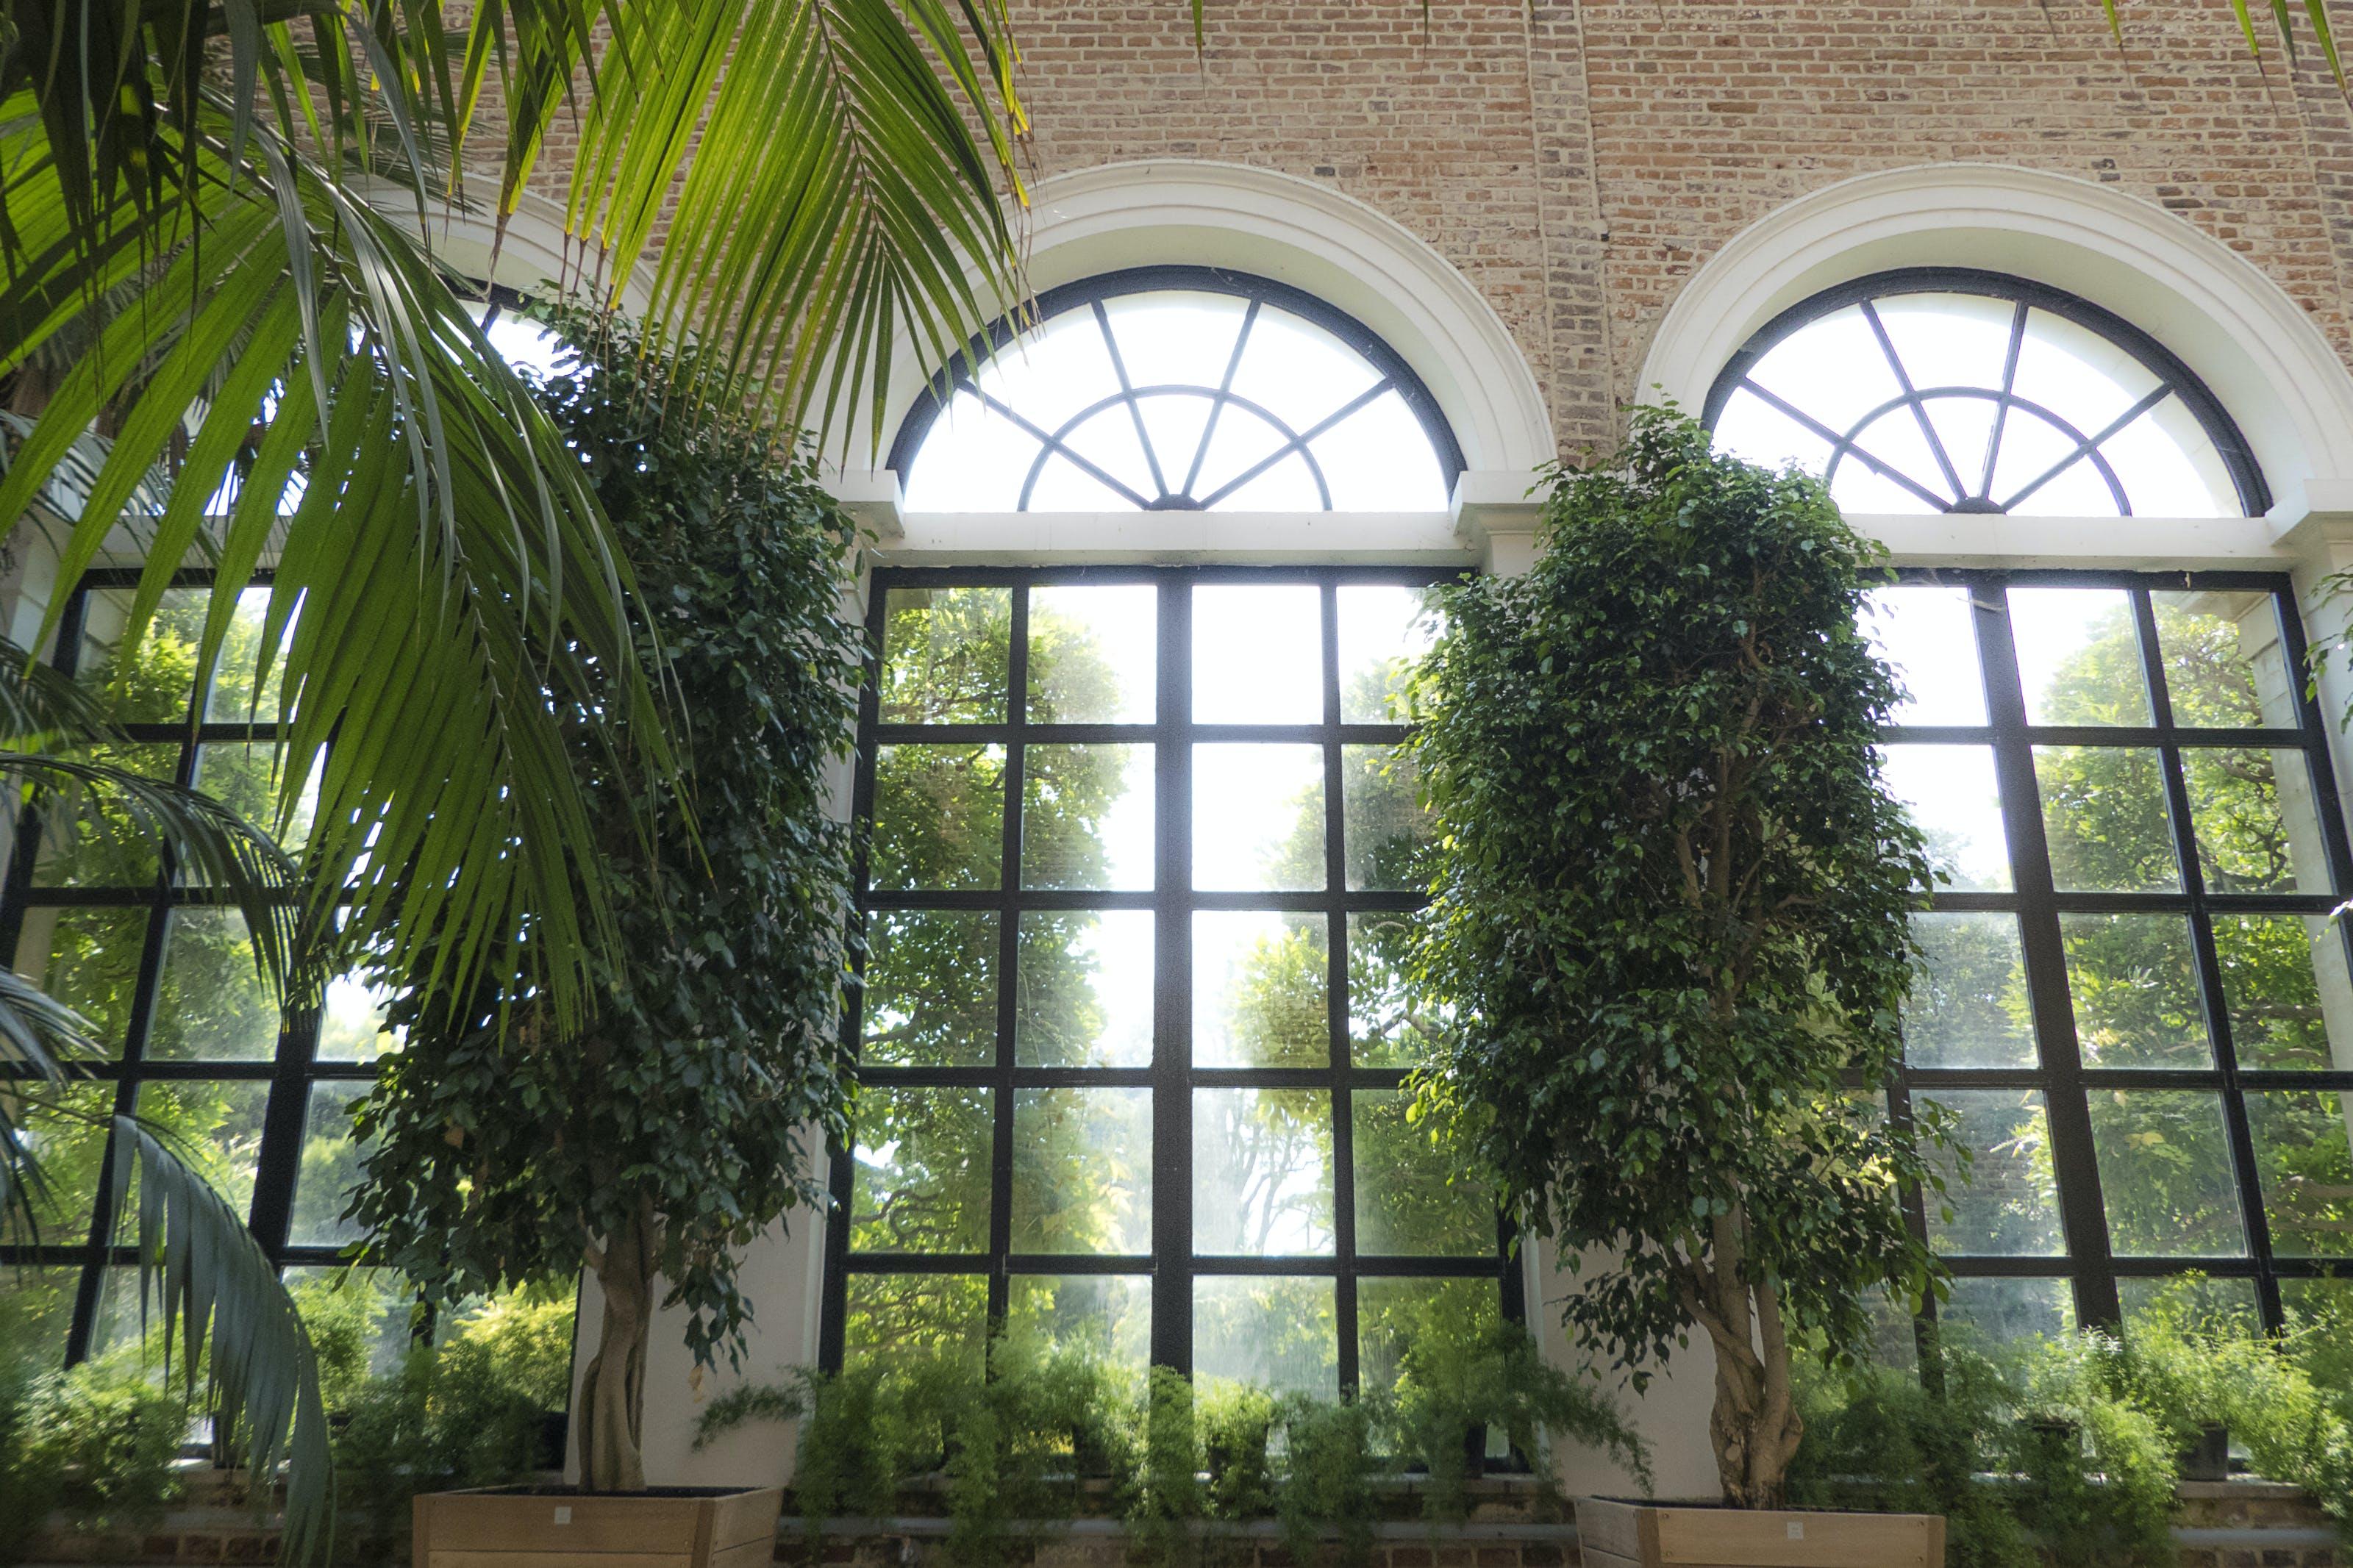 Gratis lagerfoto af buet vindue, mursten, mørkegrønne planter